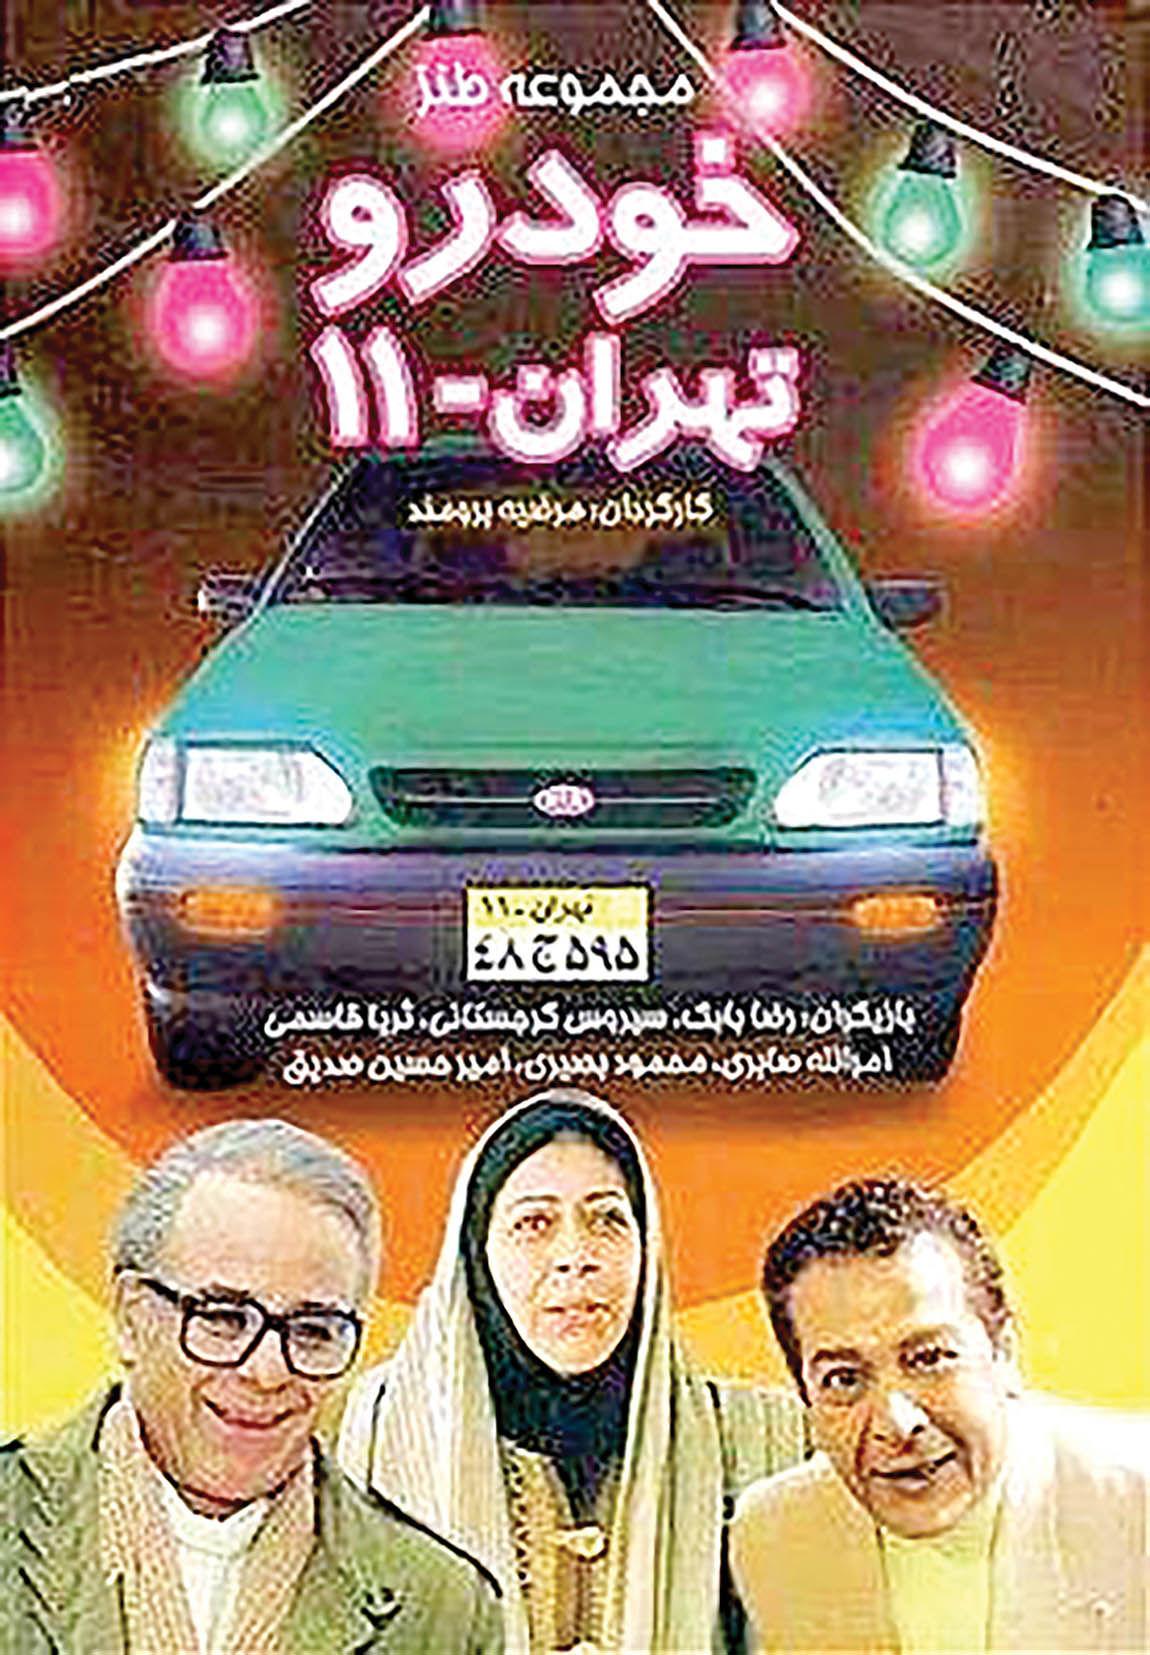 سریال قدیمی «خودرو تهران ۱۱» روی آنتن شبکه پنج